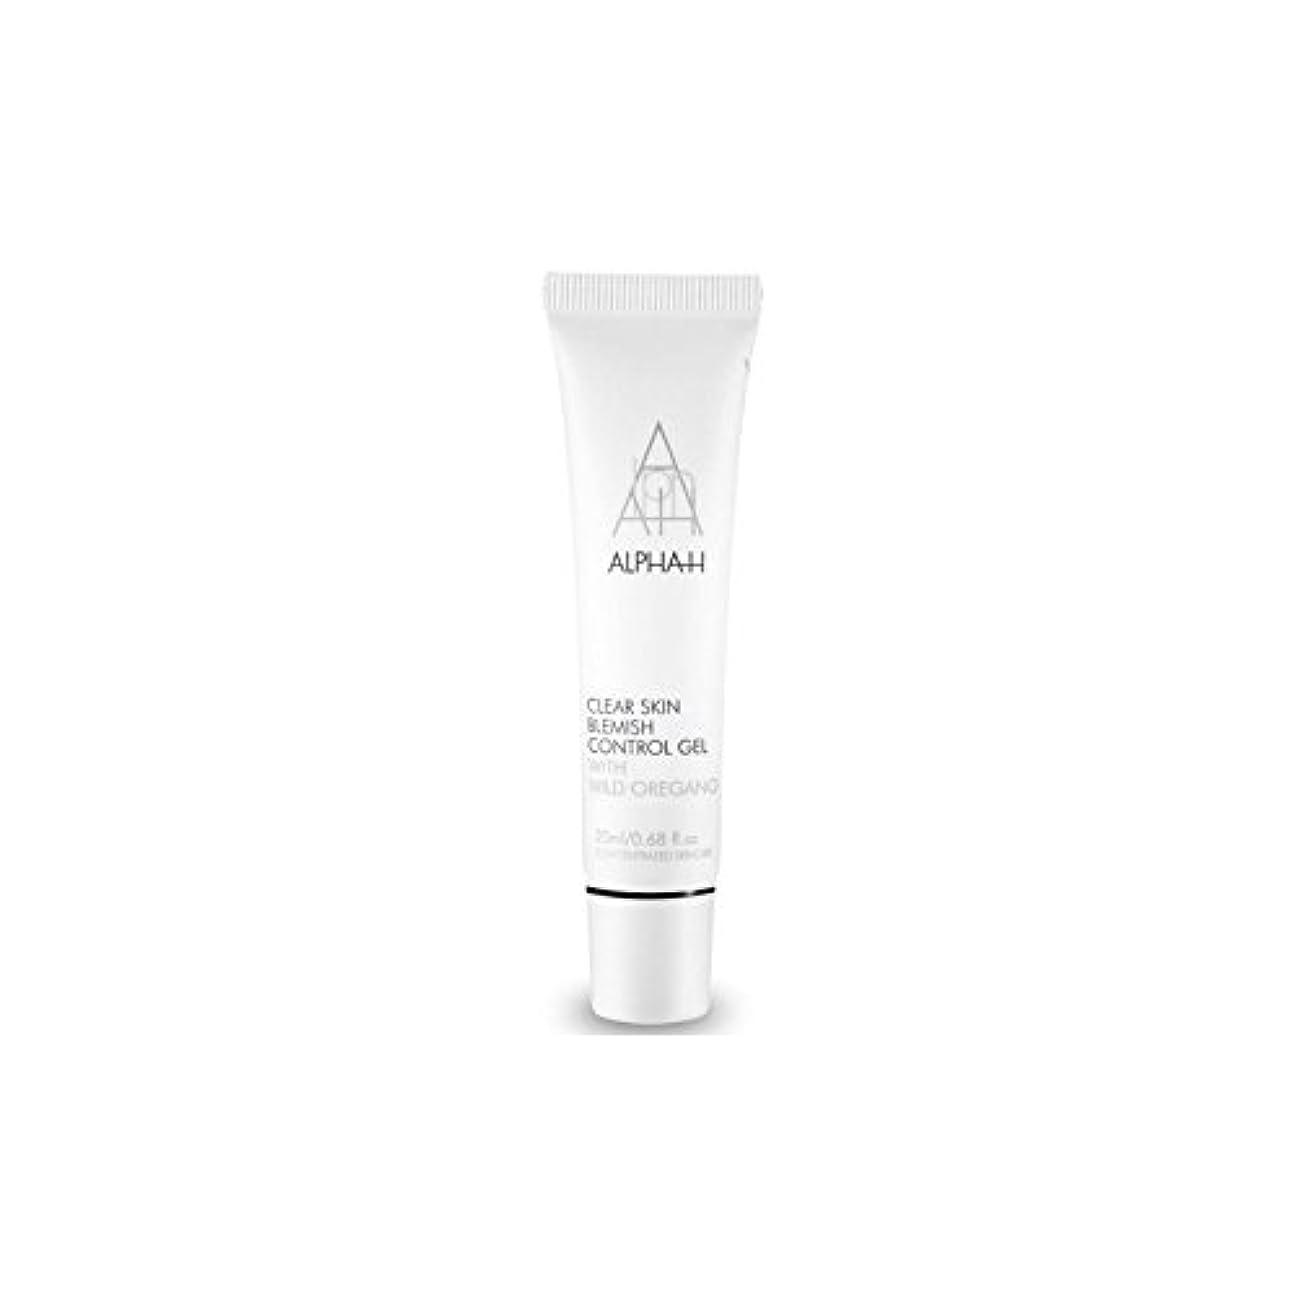 フェザーおじいちゃん細胞アルファクリア皮膚傷制御ゲル(20)中 x4 - Alpha-H Clear Skin Blemish Control Gel (20ml) (Pack of 4) [並行輸入品]